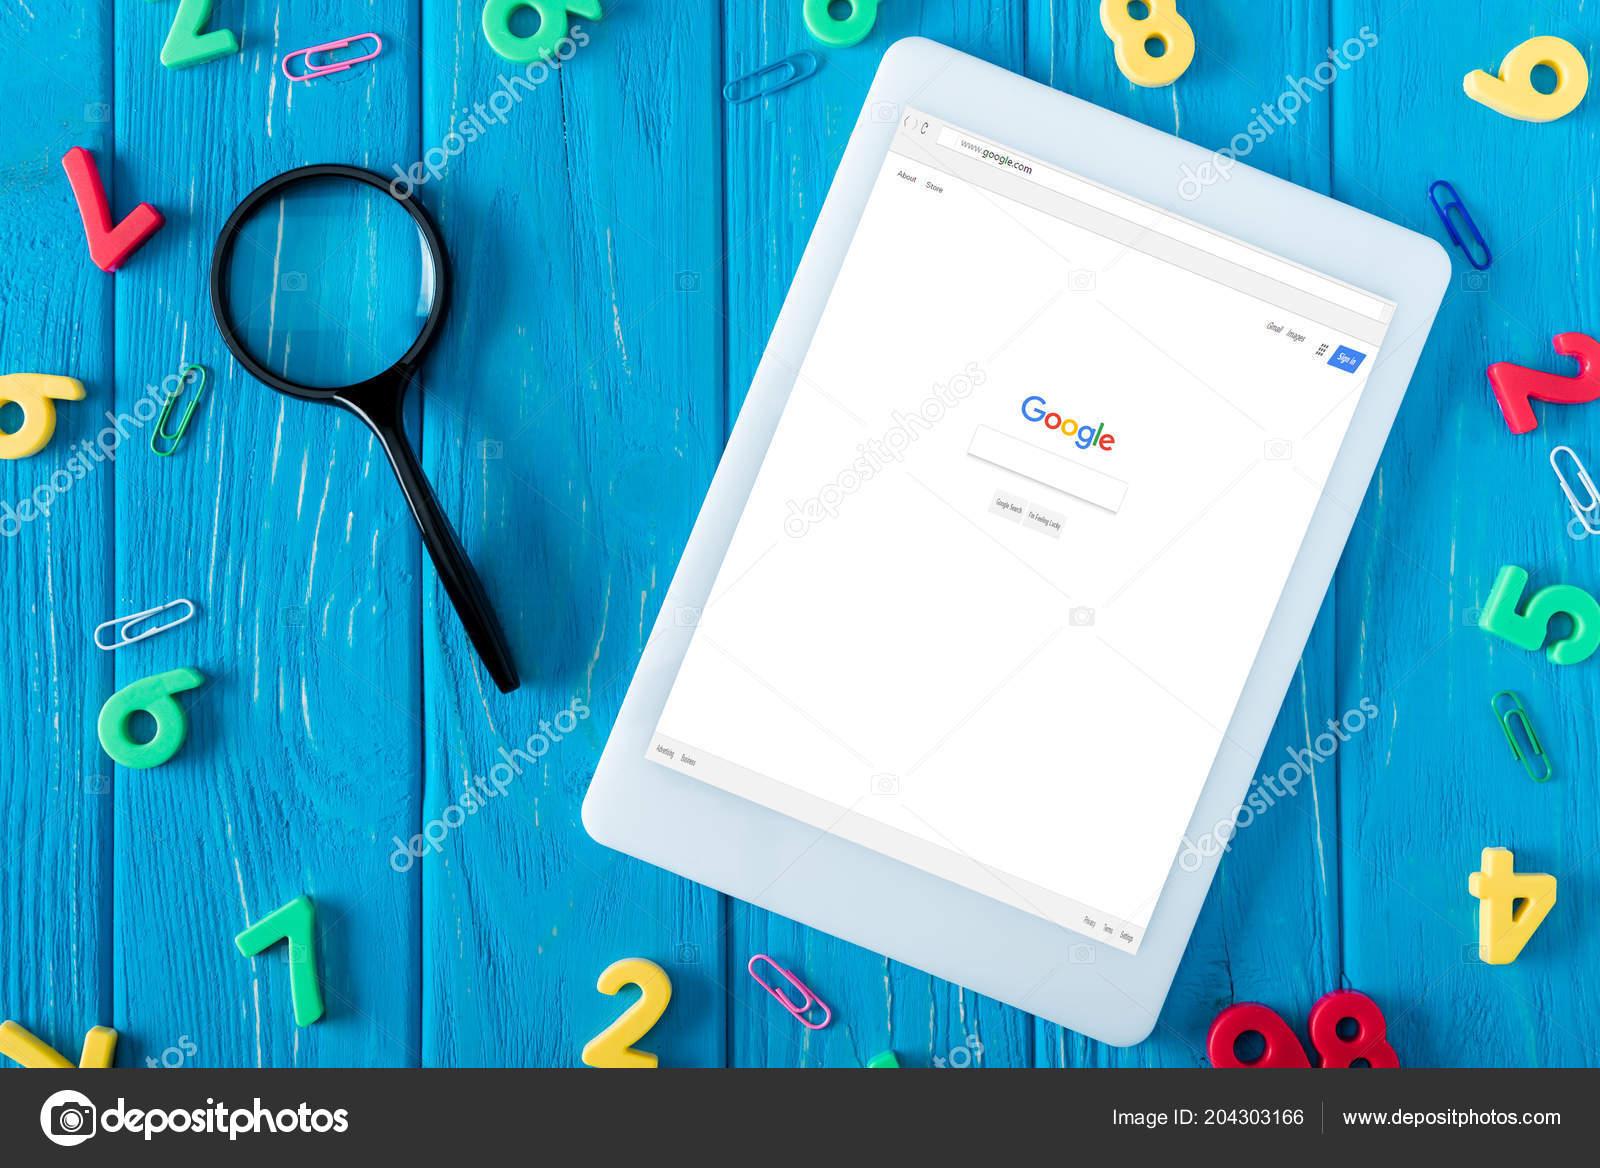 Google tabletták férgek számára, Google tabletták a férgektől